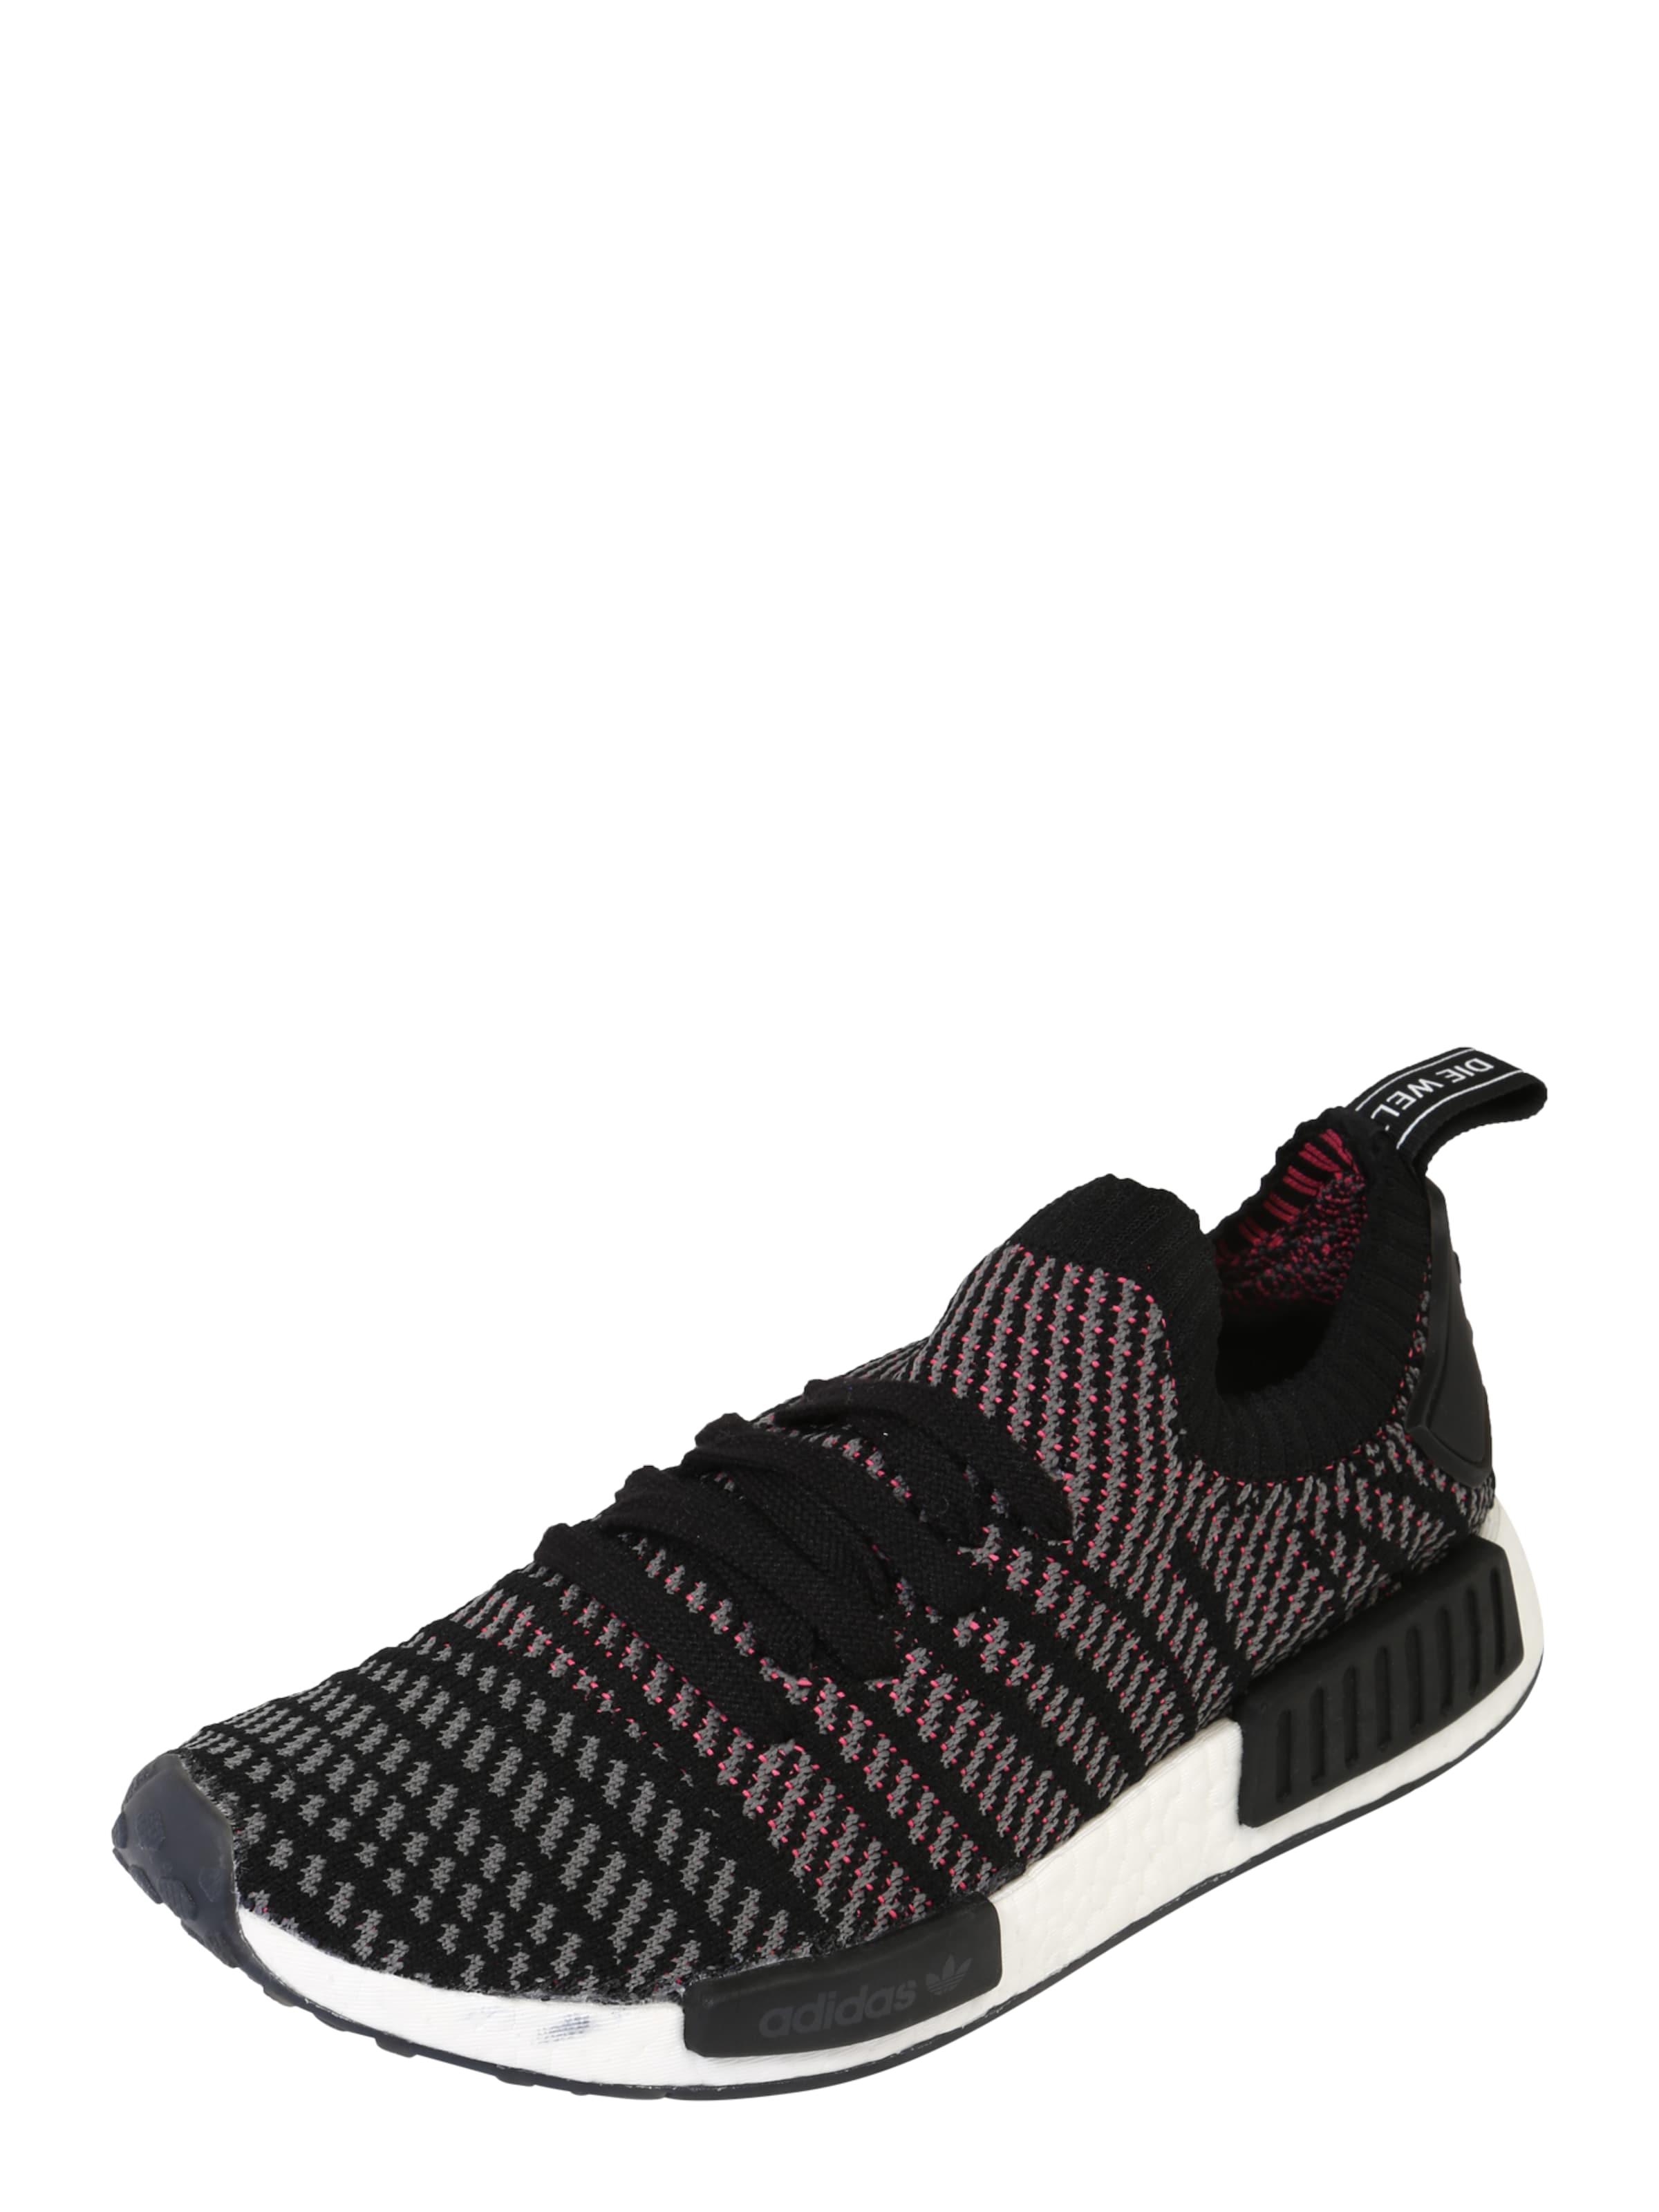 Haltbare Mode | billige Schuhe ADIDAS ORIGINALS | Mode Sneaker 'NMD' Schuhe Gut getragene Schuhe 75499f